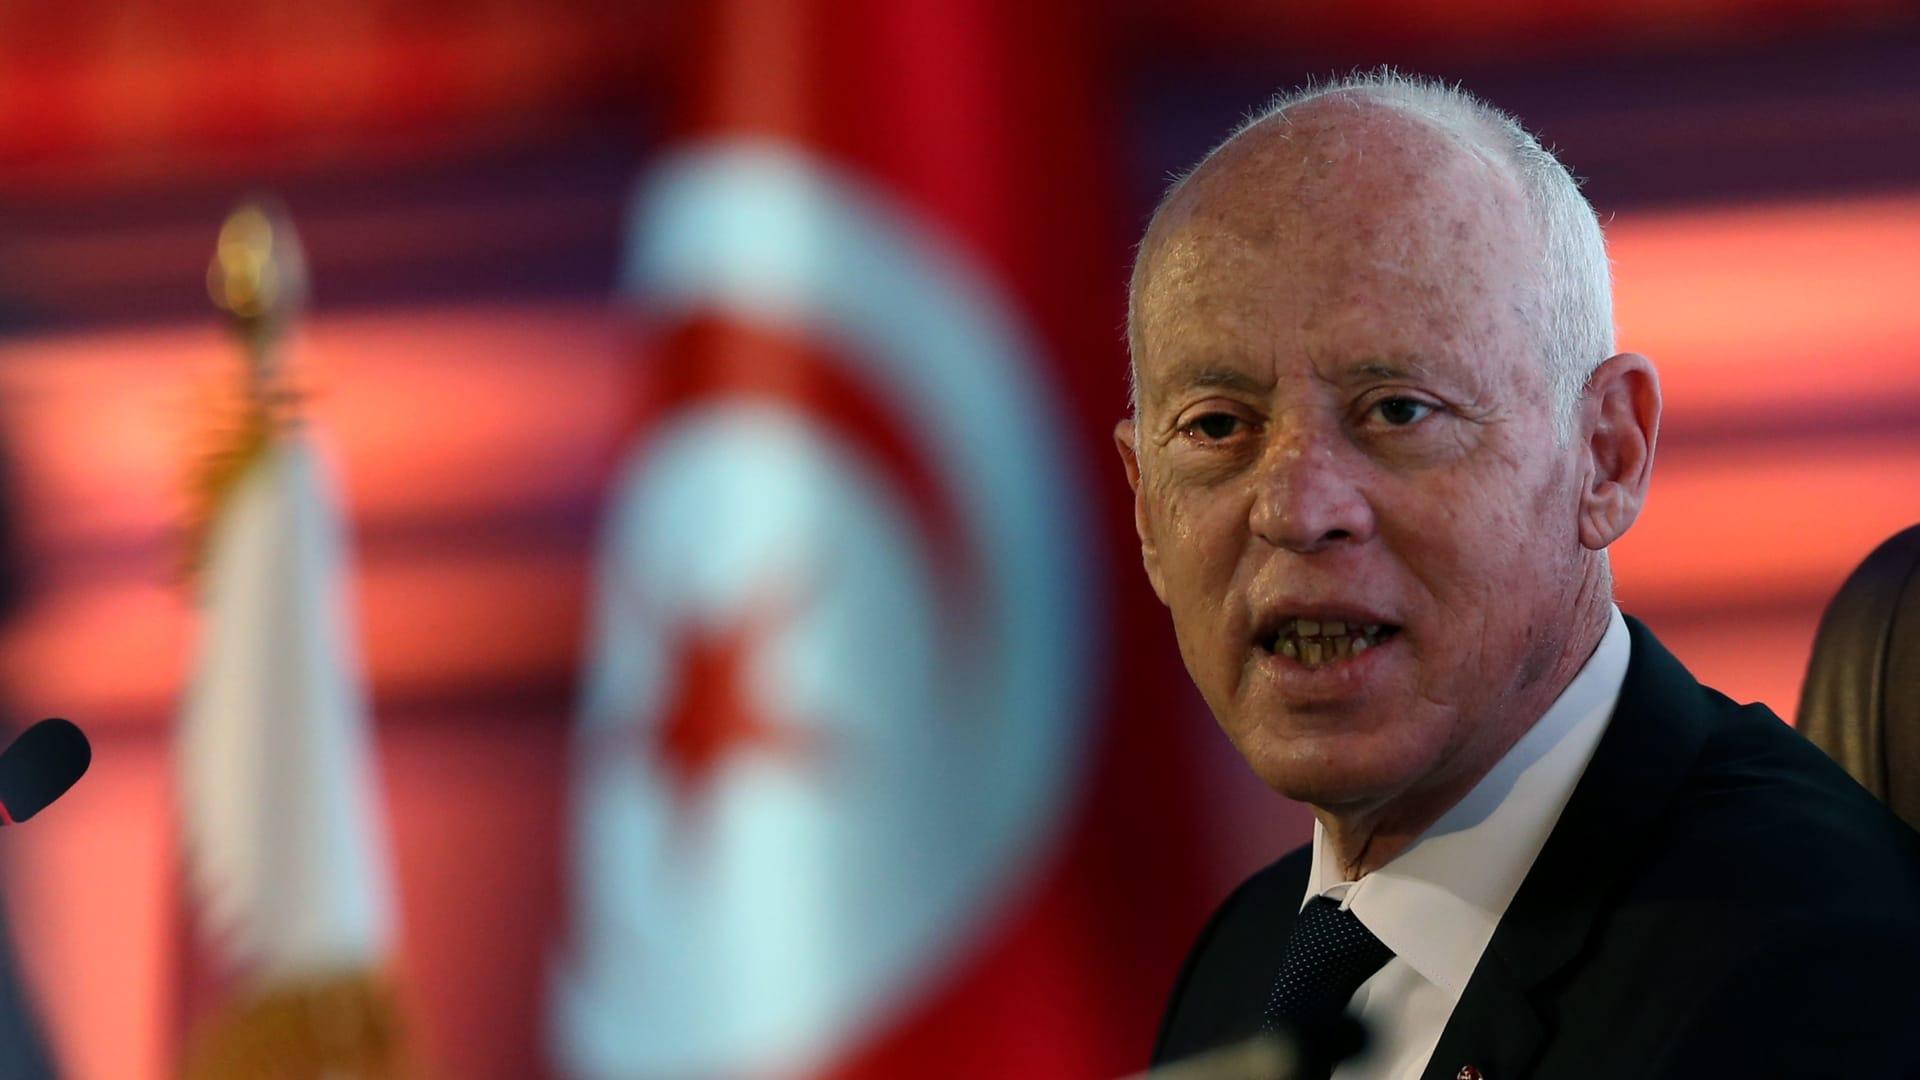 تعالوا نفكر.. قراءات لقرارات قيس سعيد التي غيرت المشهد السياسي في تونس